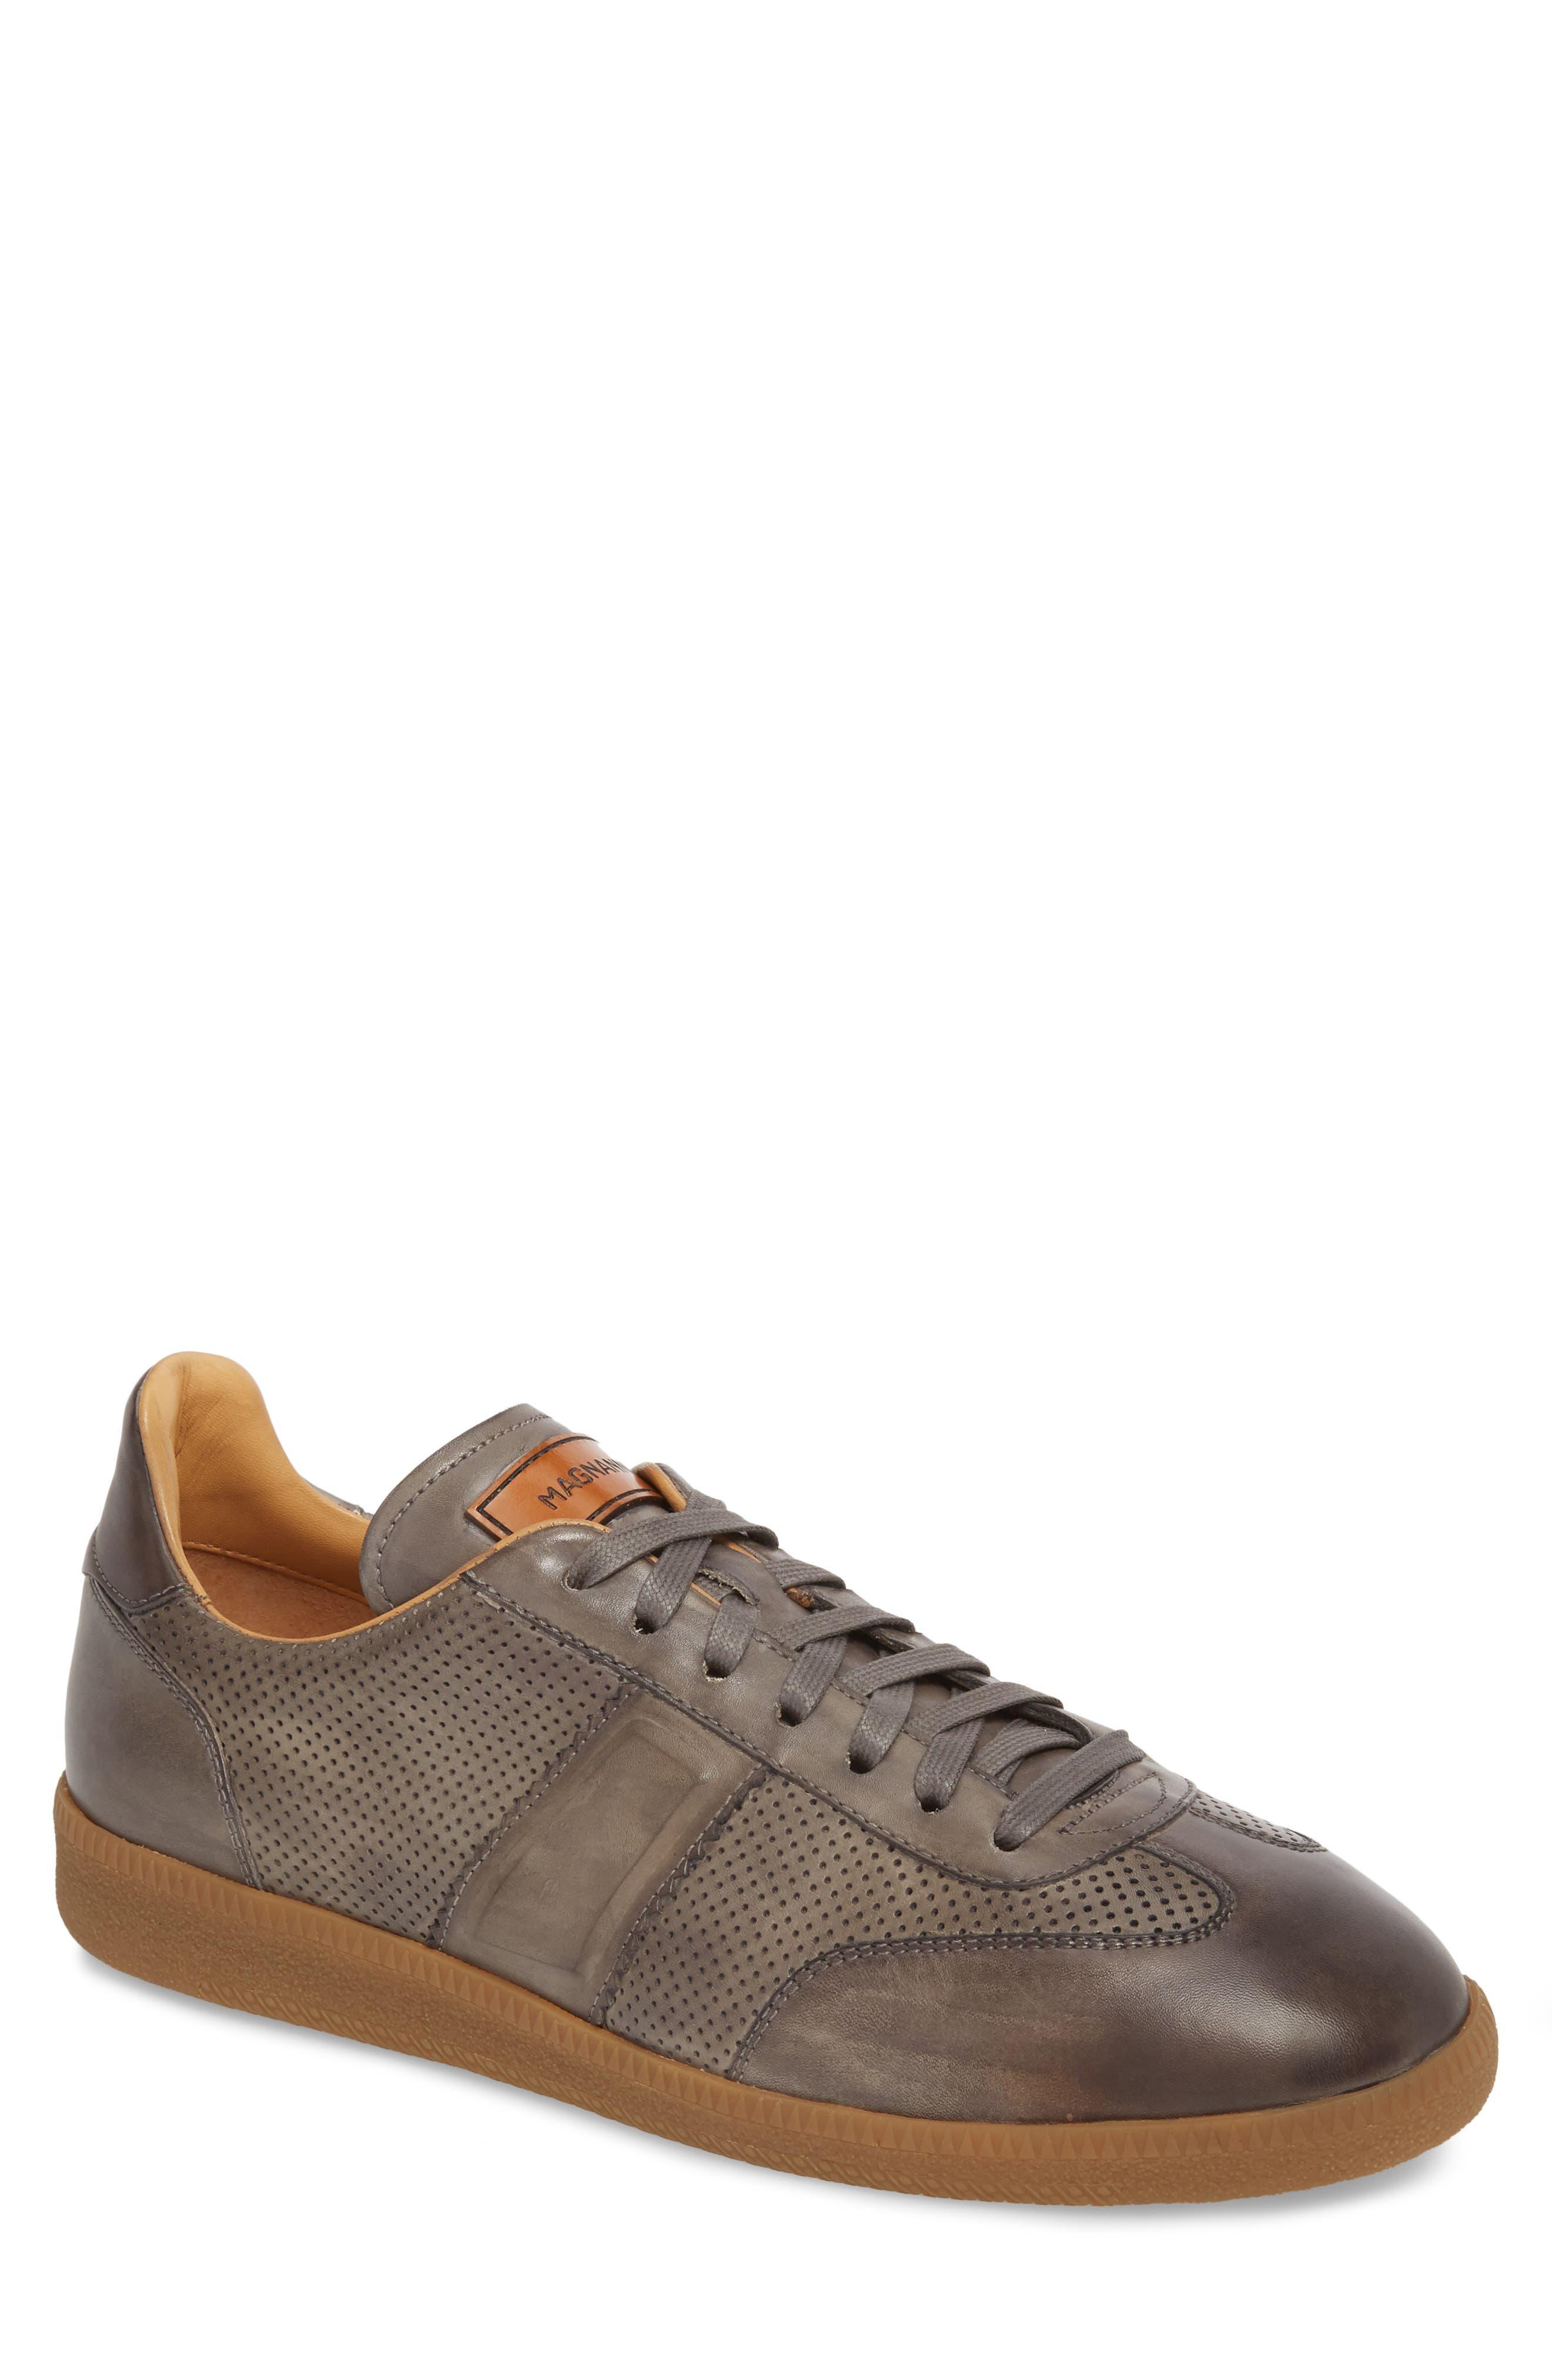 Xavi Embossed Low Top Sneaker,                             Main thumbnail 1, color,                             Grey/ Grey Leather